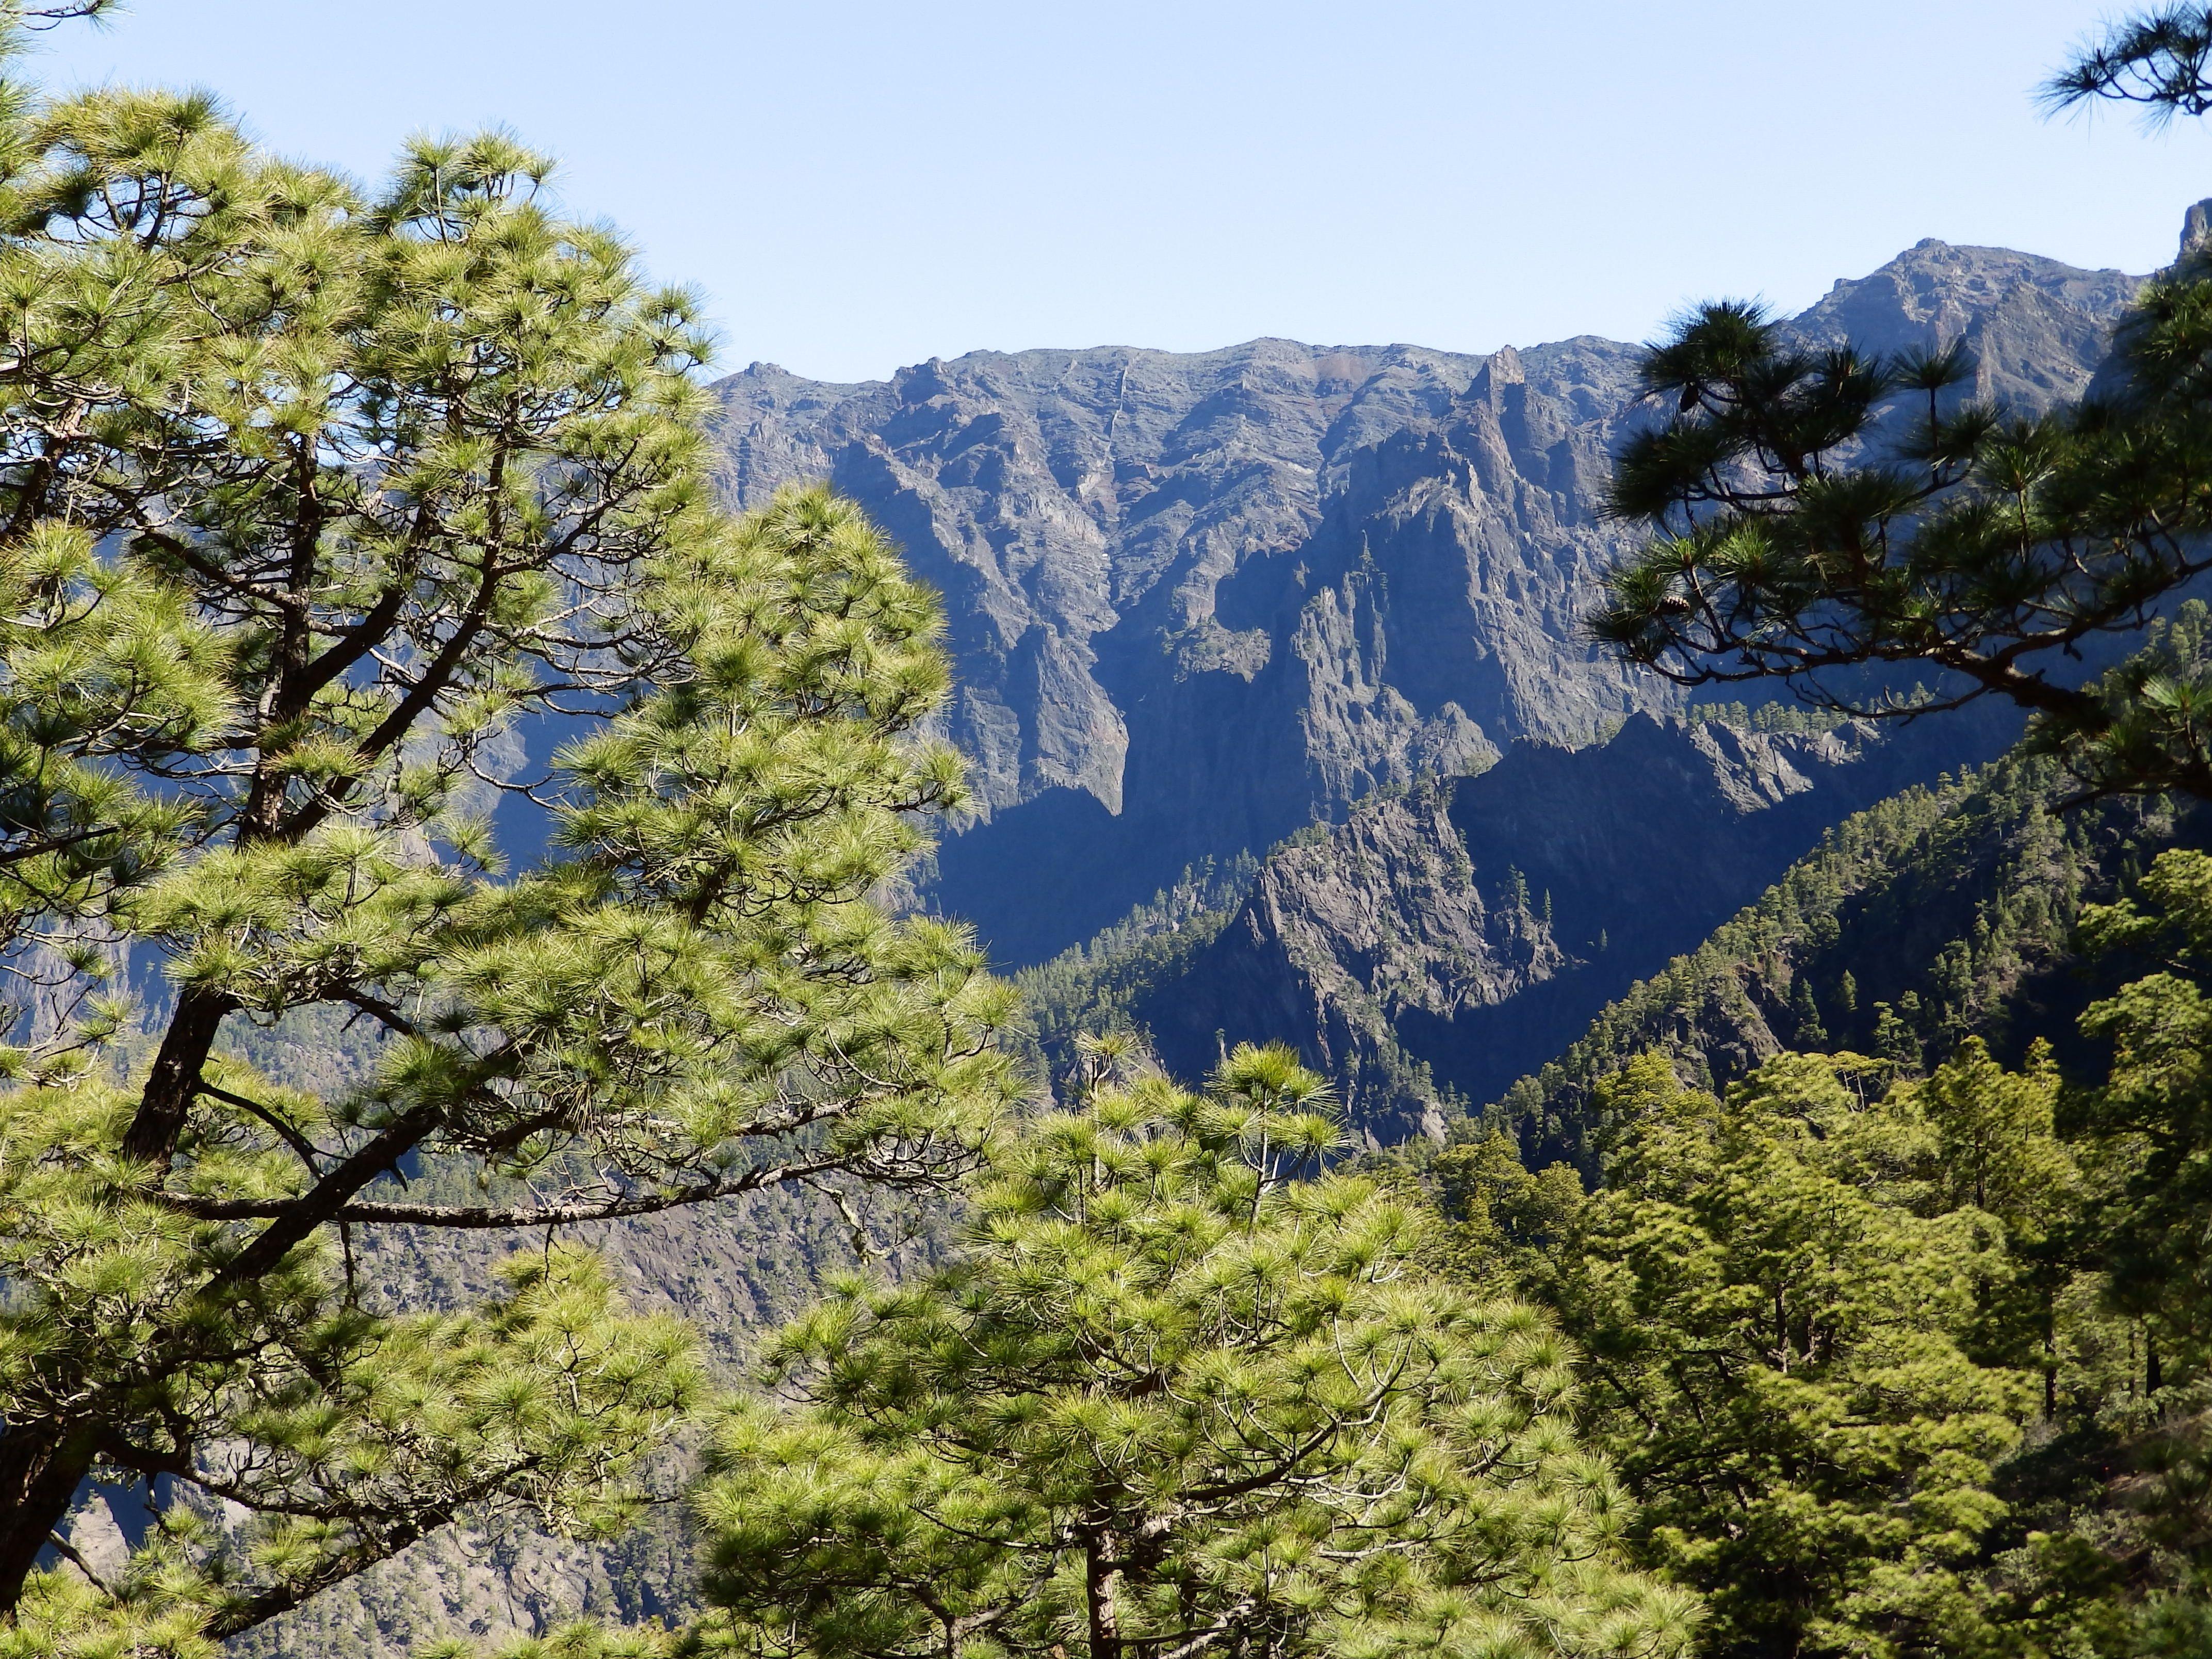 Caldera de Taburiente-La Palma